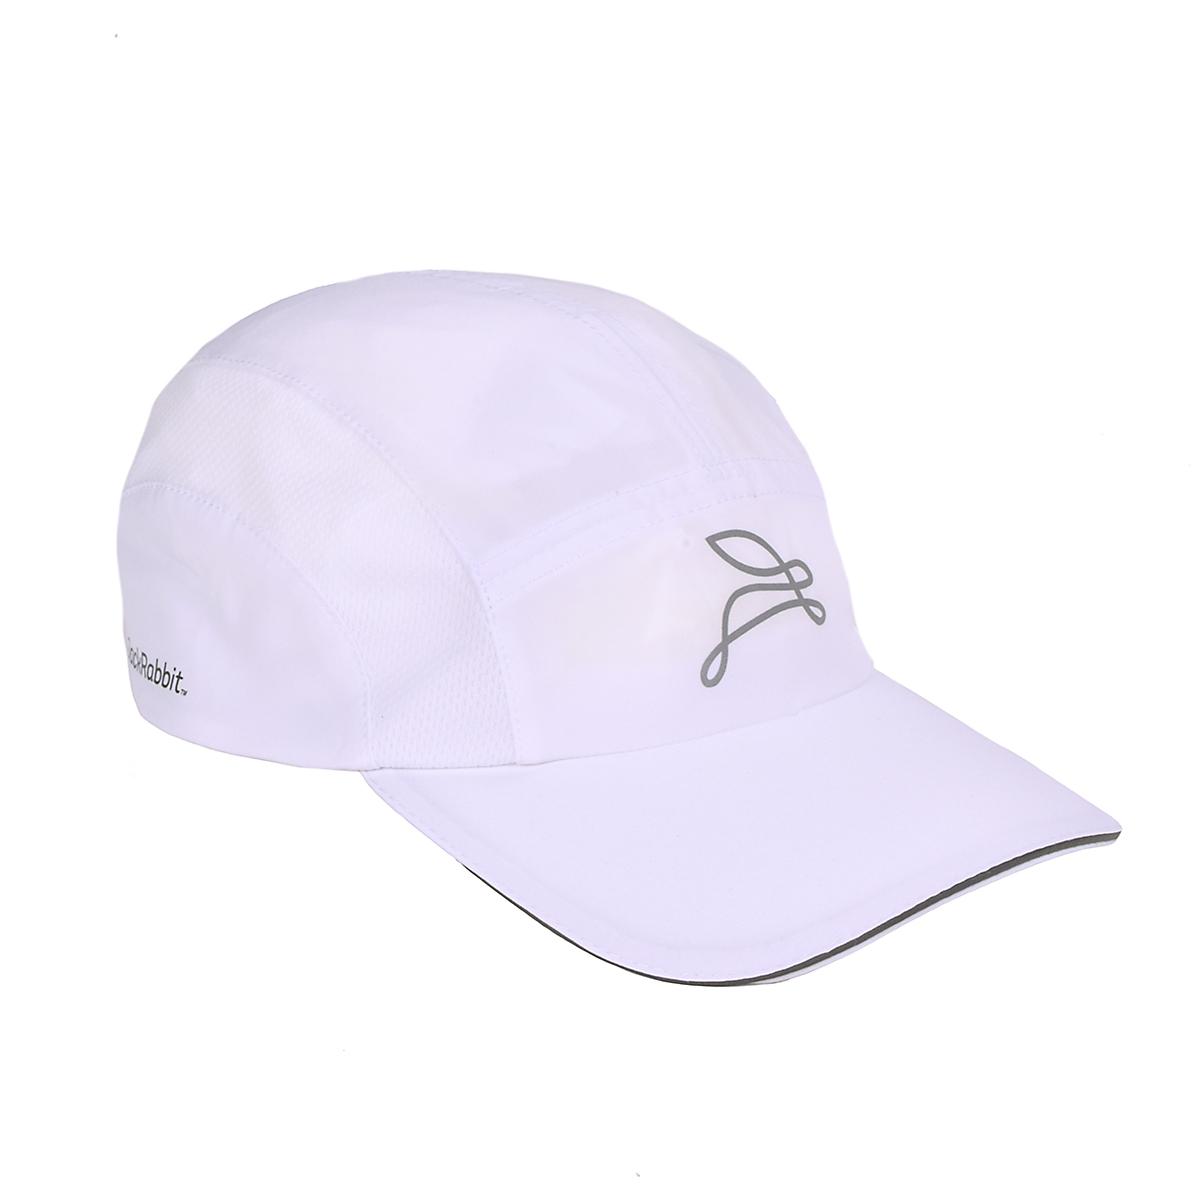 JackRabbit Run Hat - Color: White - Size: One Size, White, large, image 1